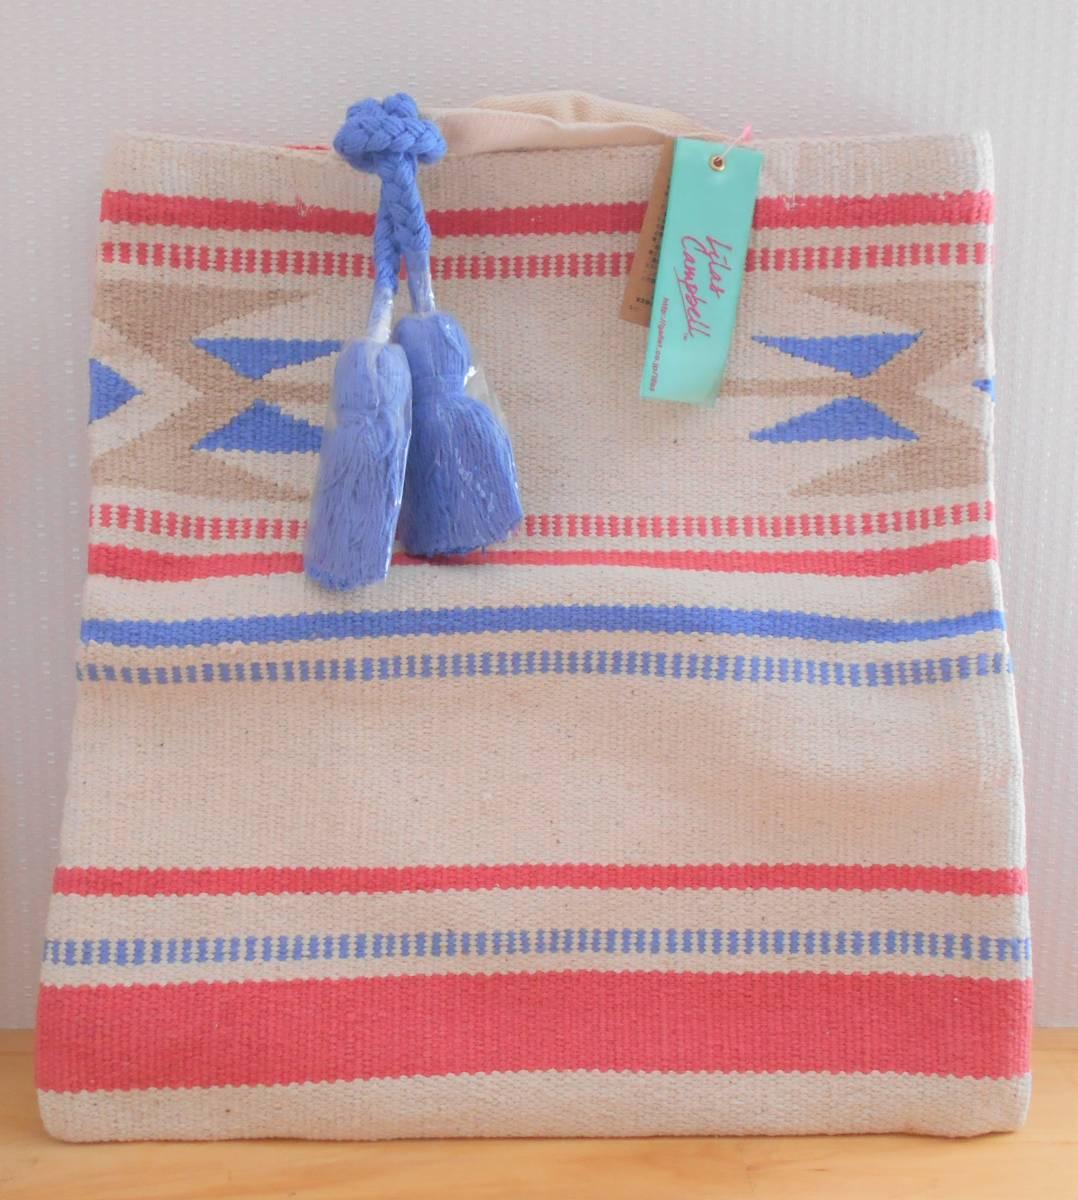 【新品】リラキャンベル バッグ 2way クラッチバッグ ブルー×レッド ハンドメイド Lilas Campbell